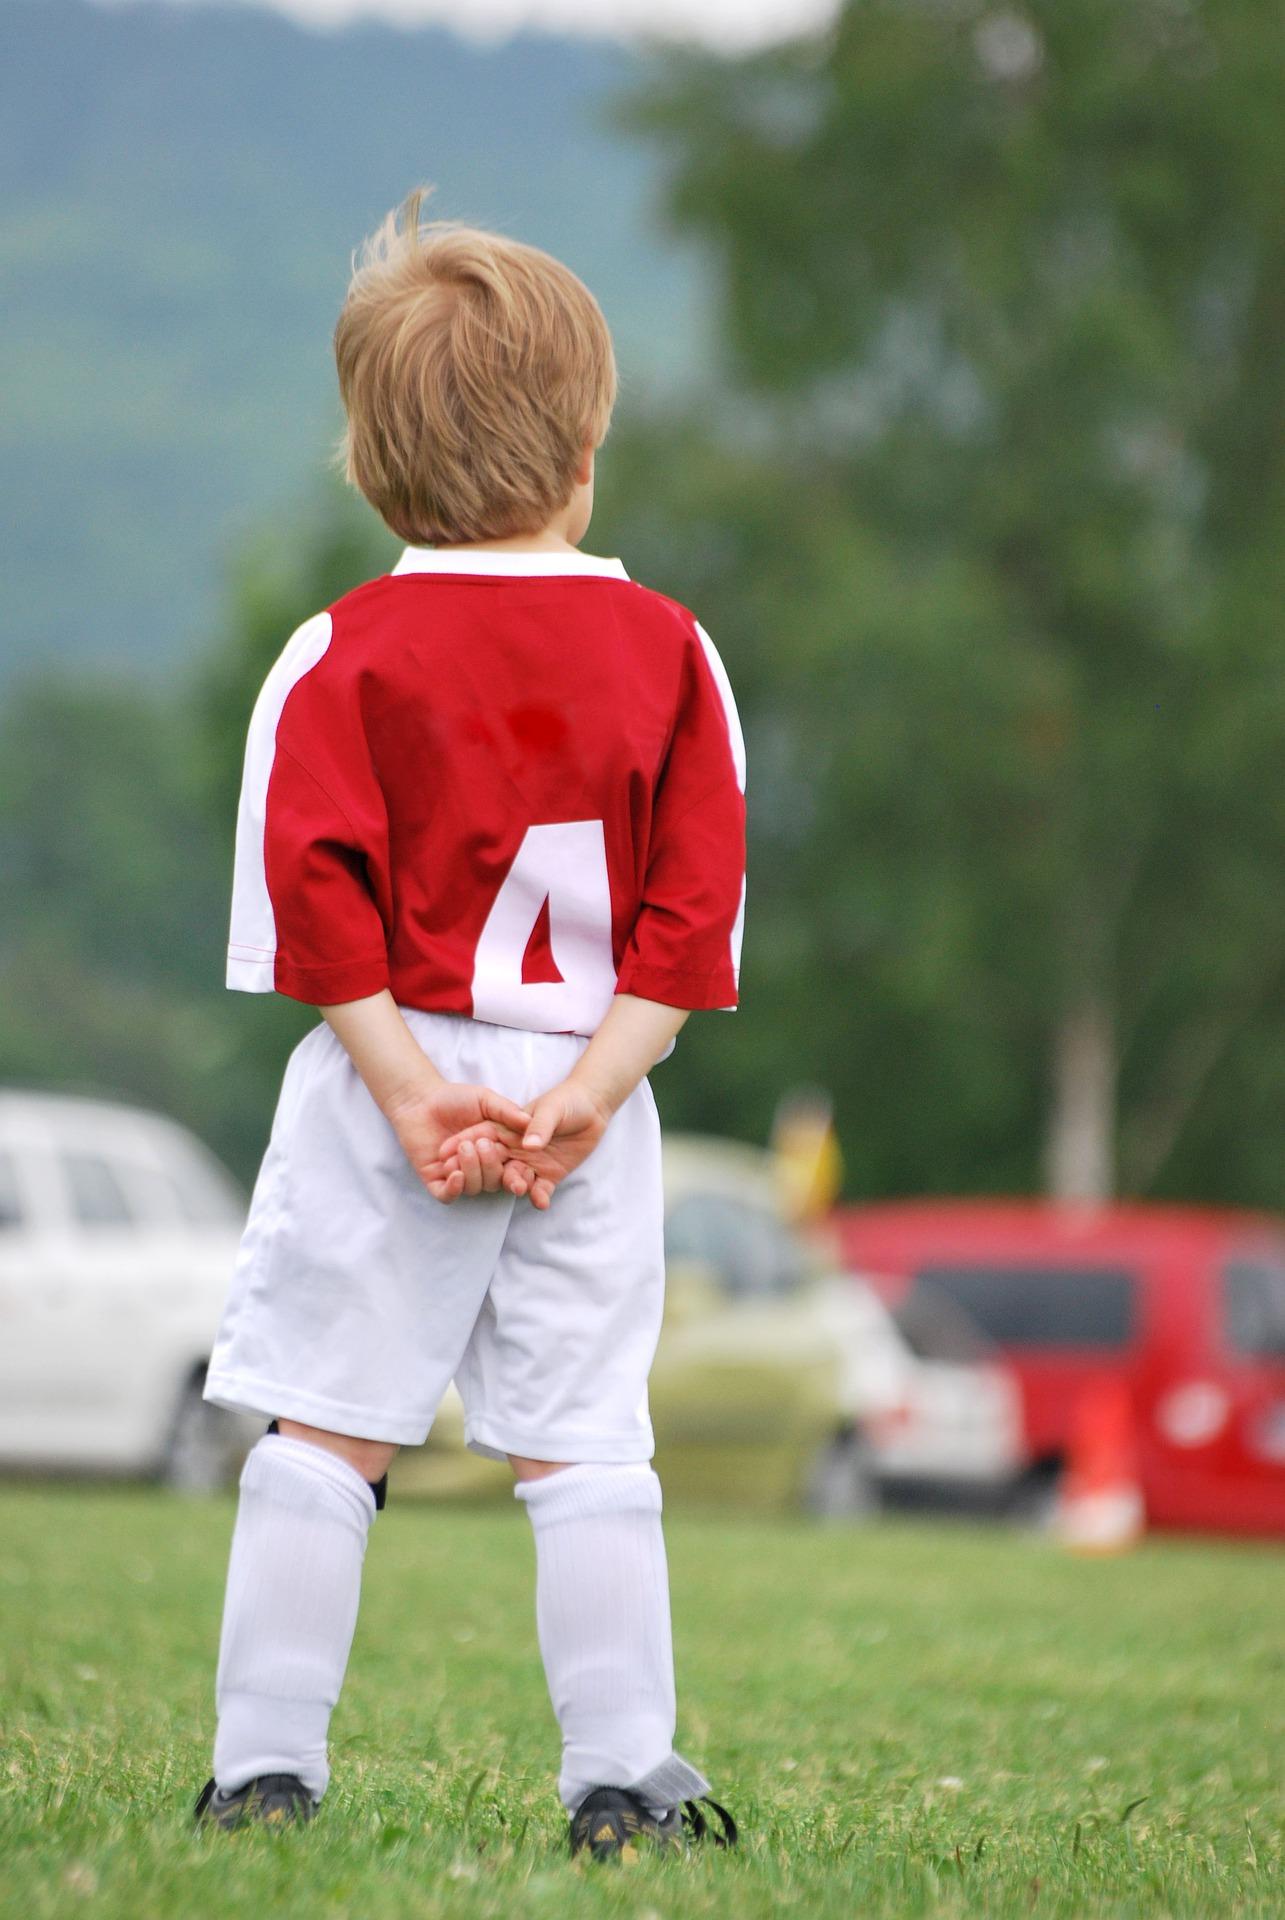 サッカーグランドに立つ少年